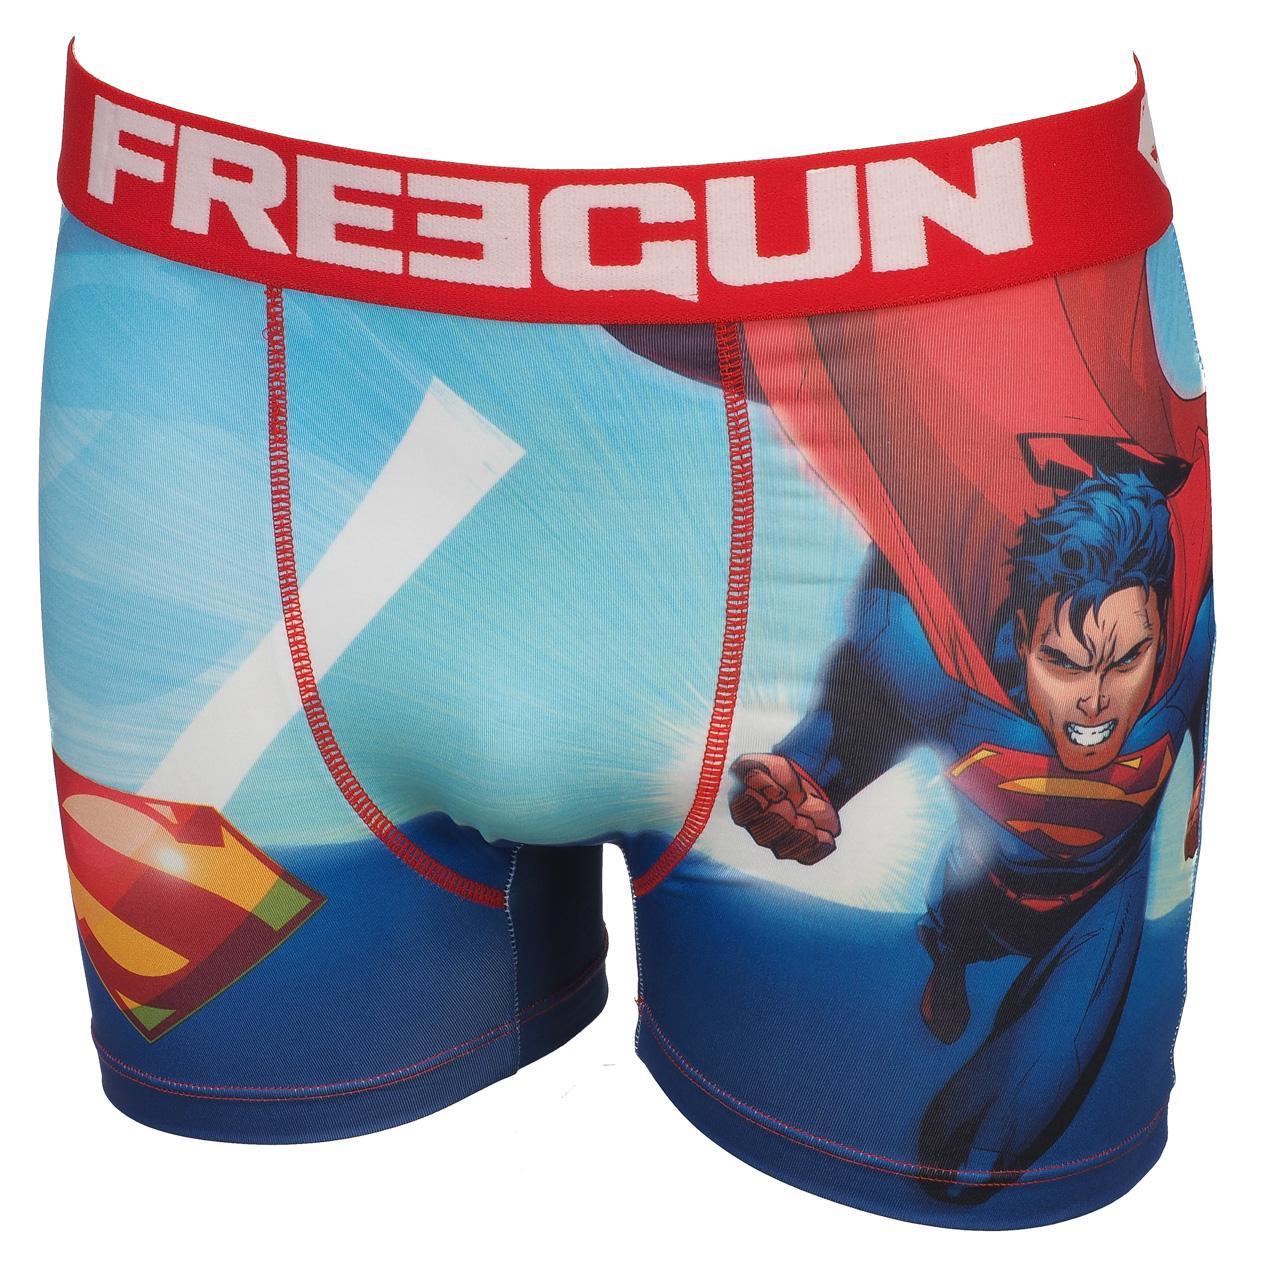 Underwear-Boxer-Freegun-Fly-Blue-Rge-Boxer-White-17911-New